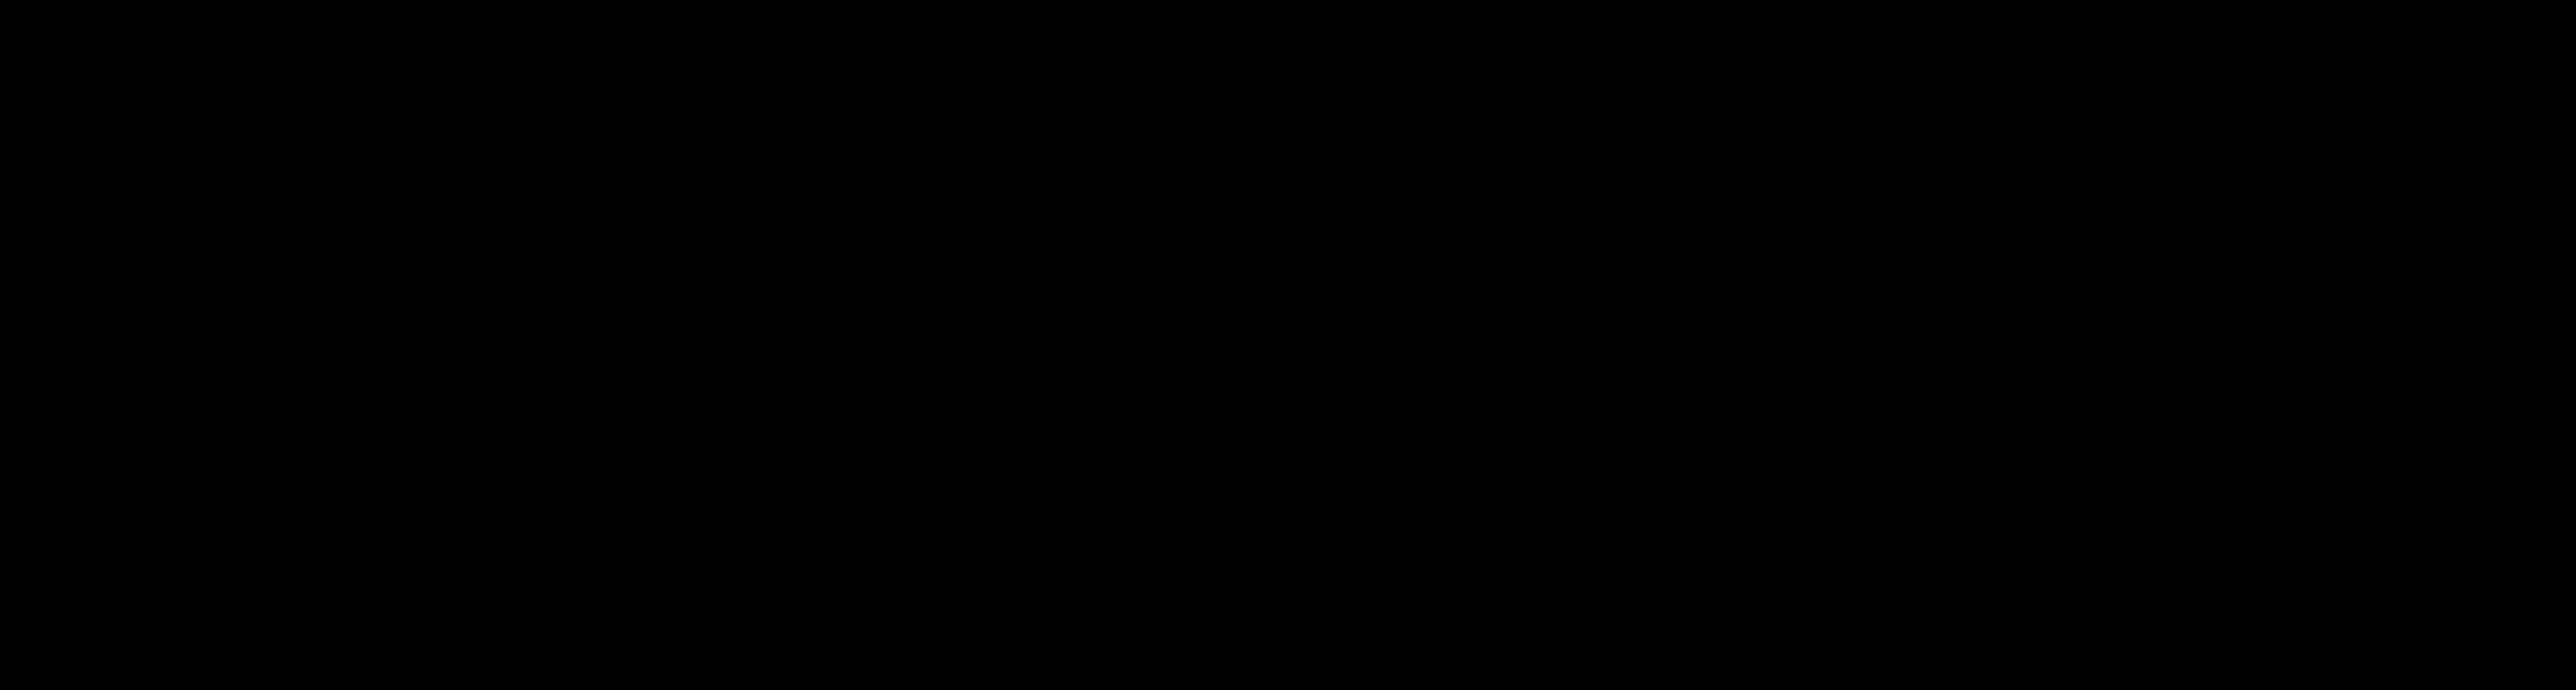 Bobcat_logo_black_r